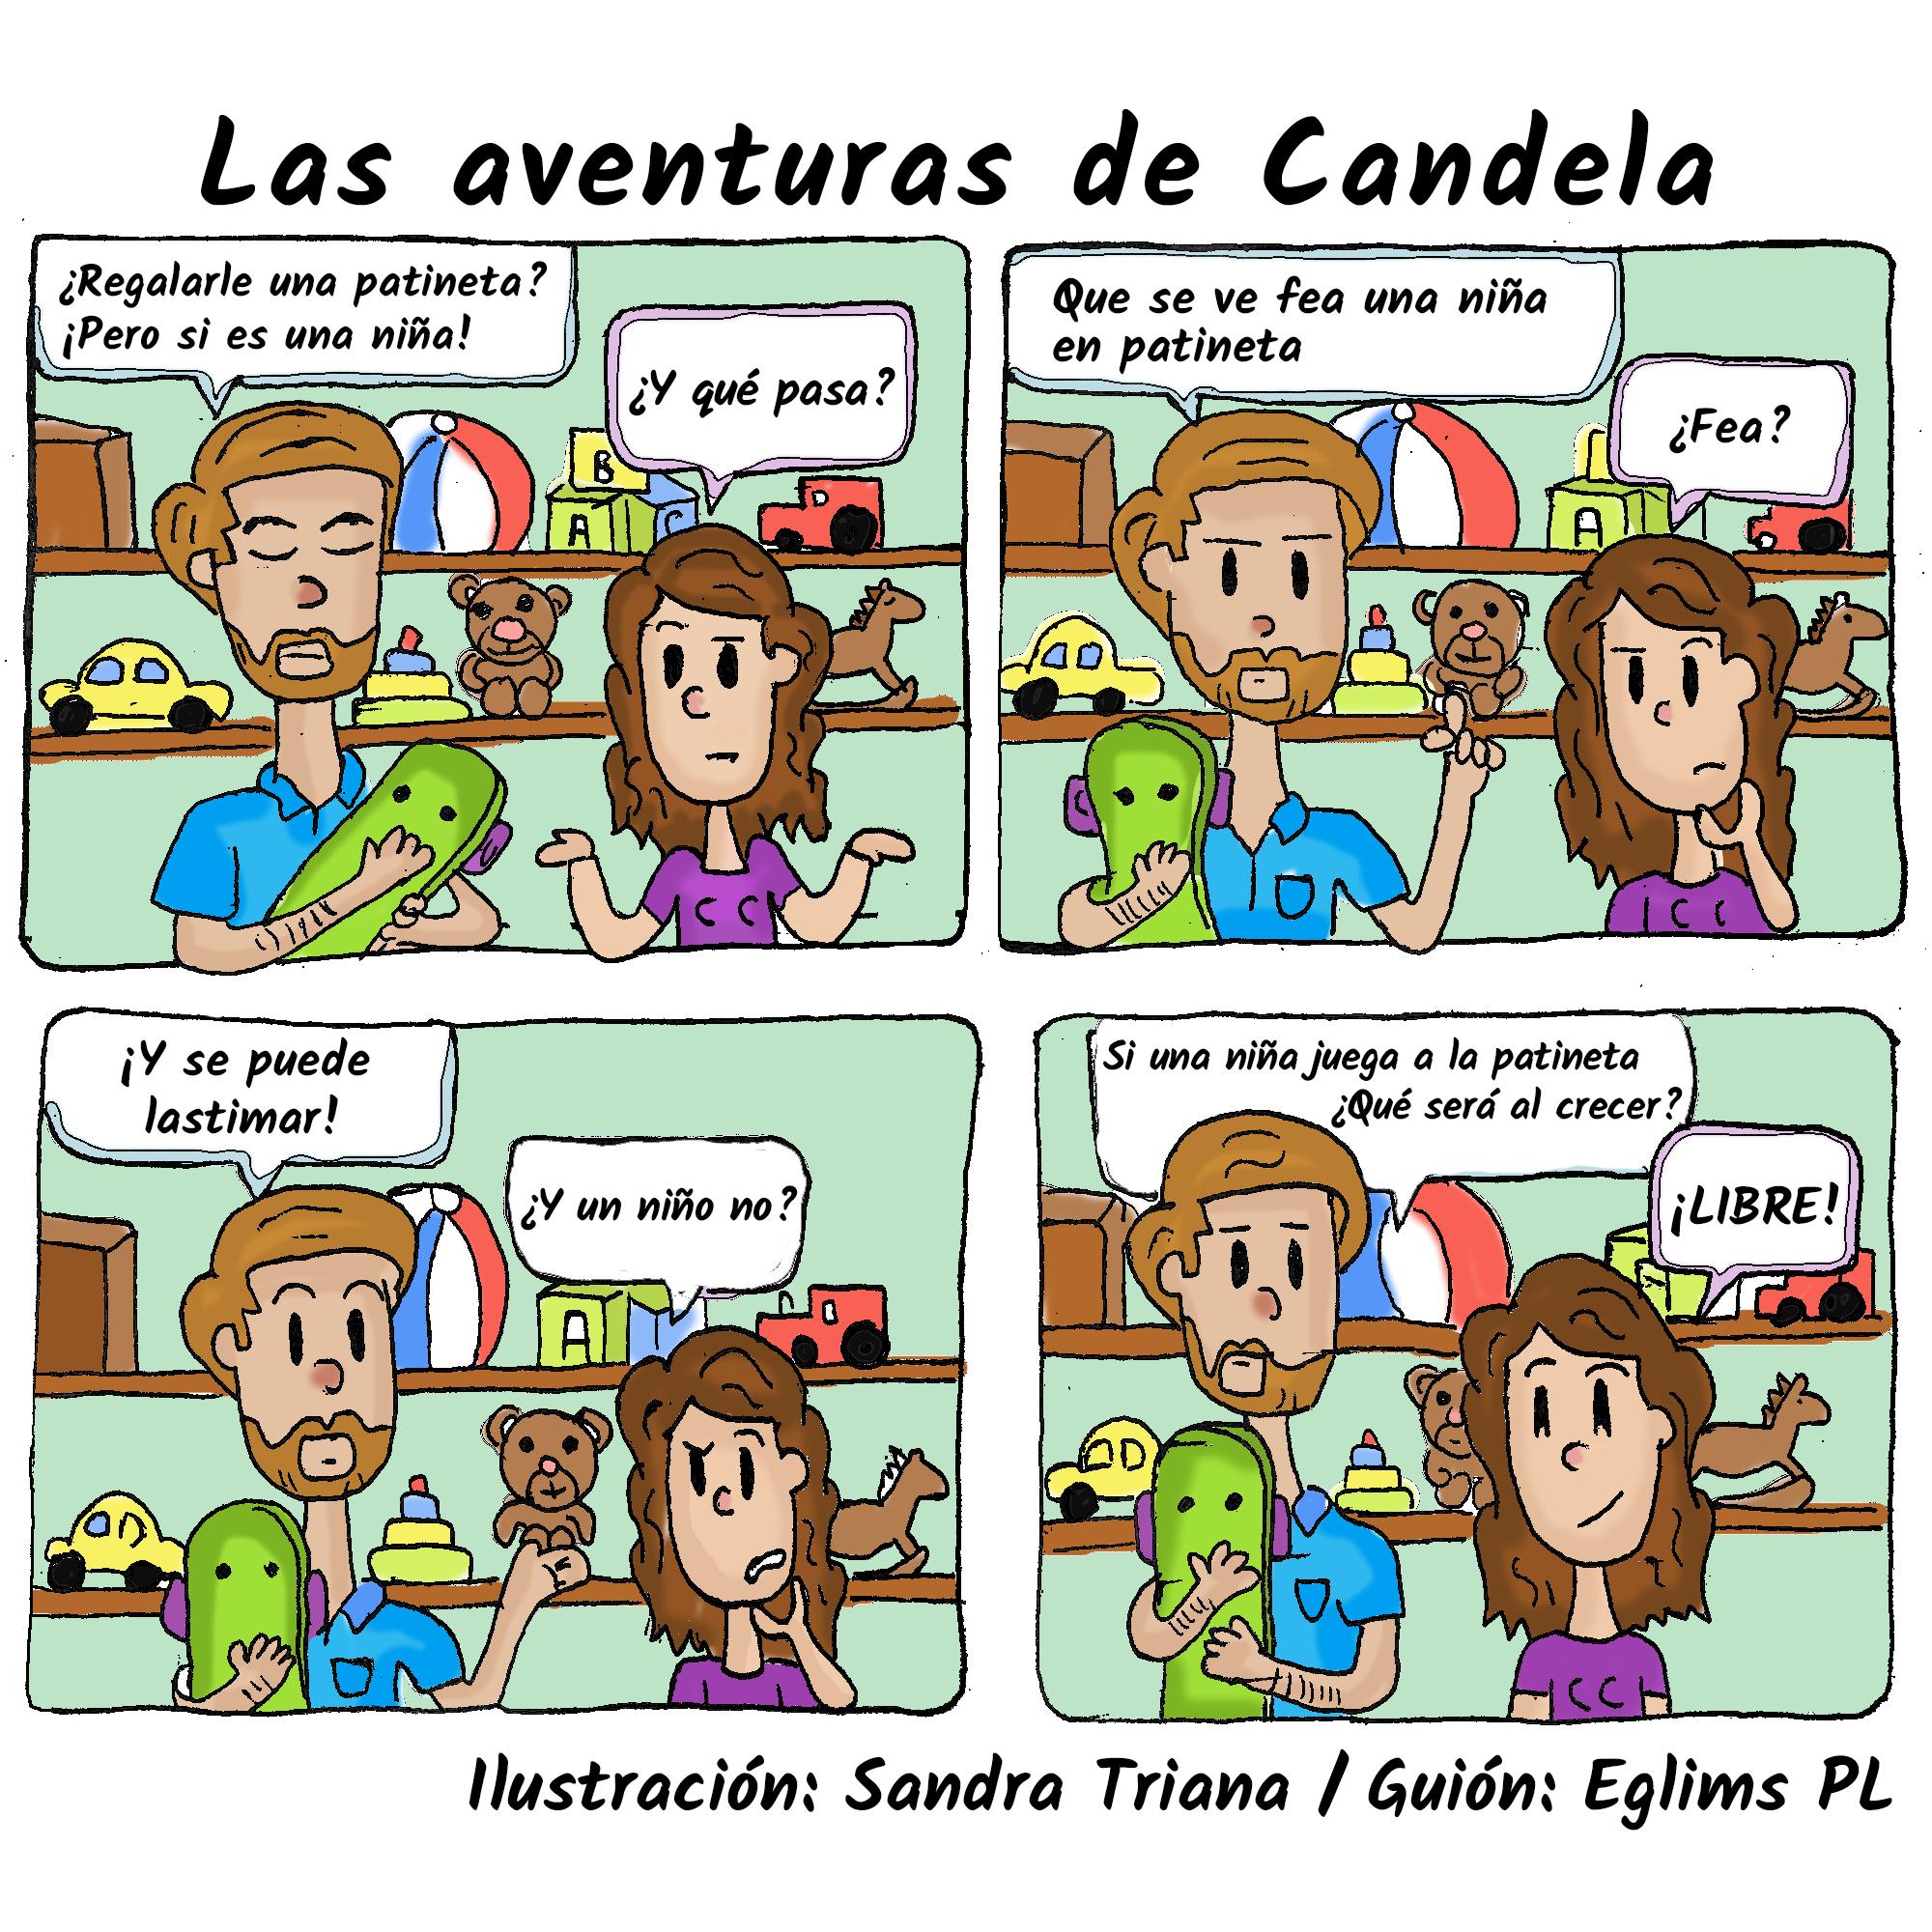 Candela 03